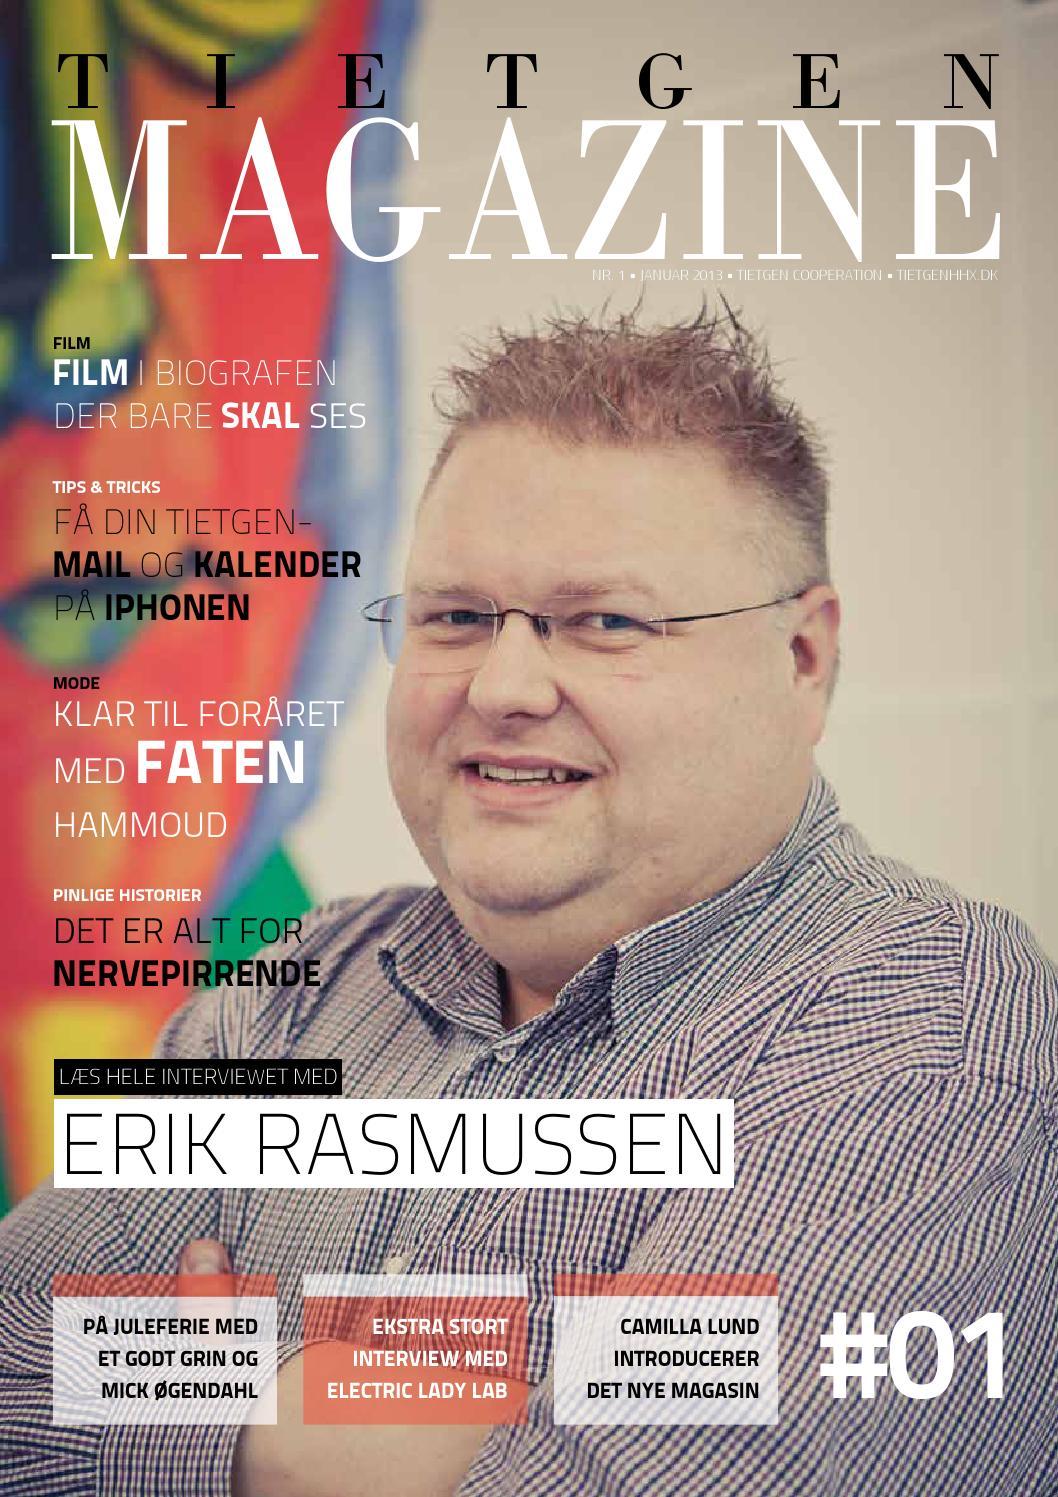 Tietgen Magazine #1 by Tietgen Magazine - issuu